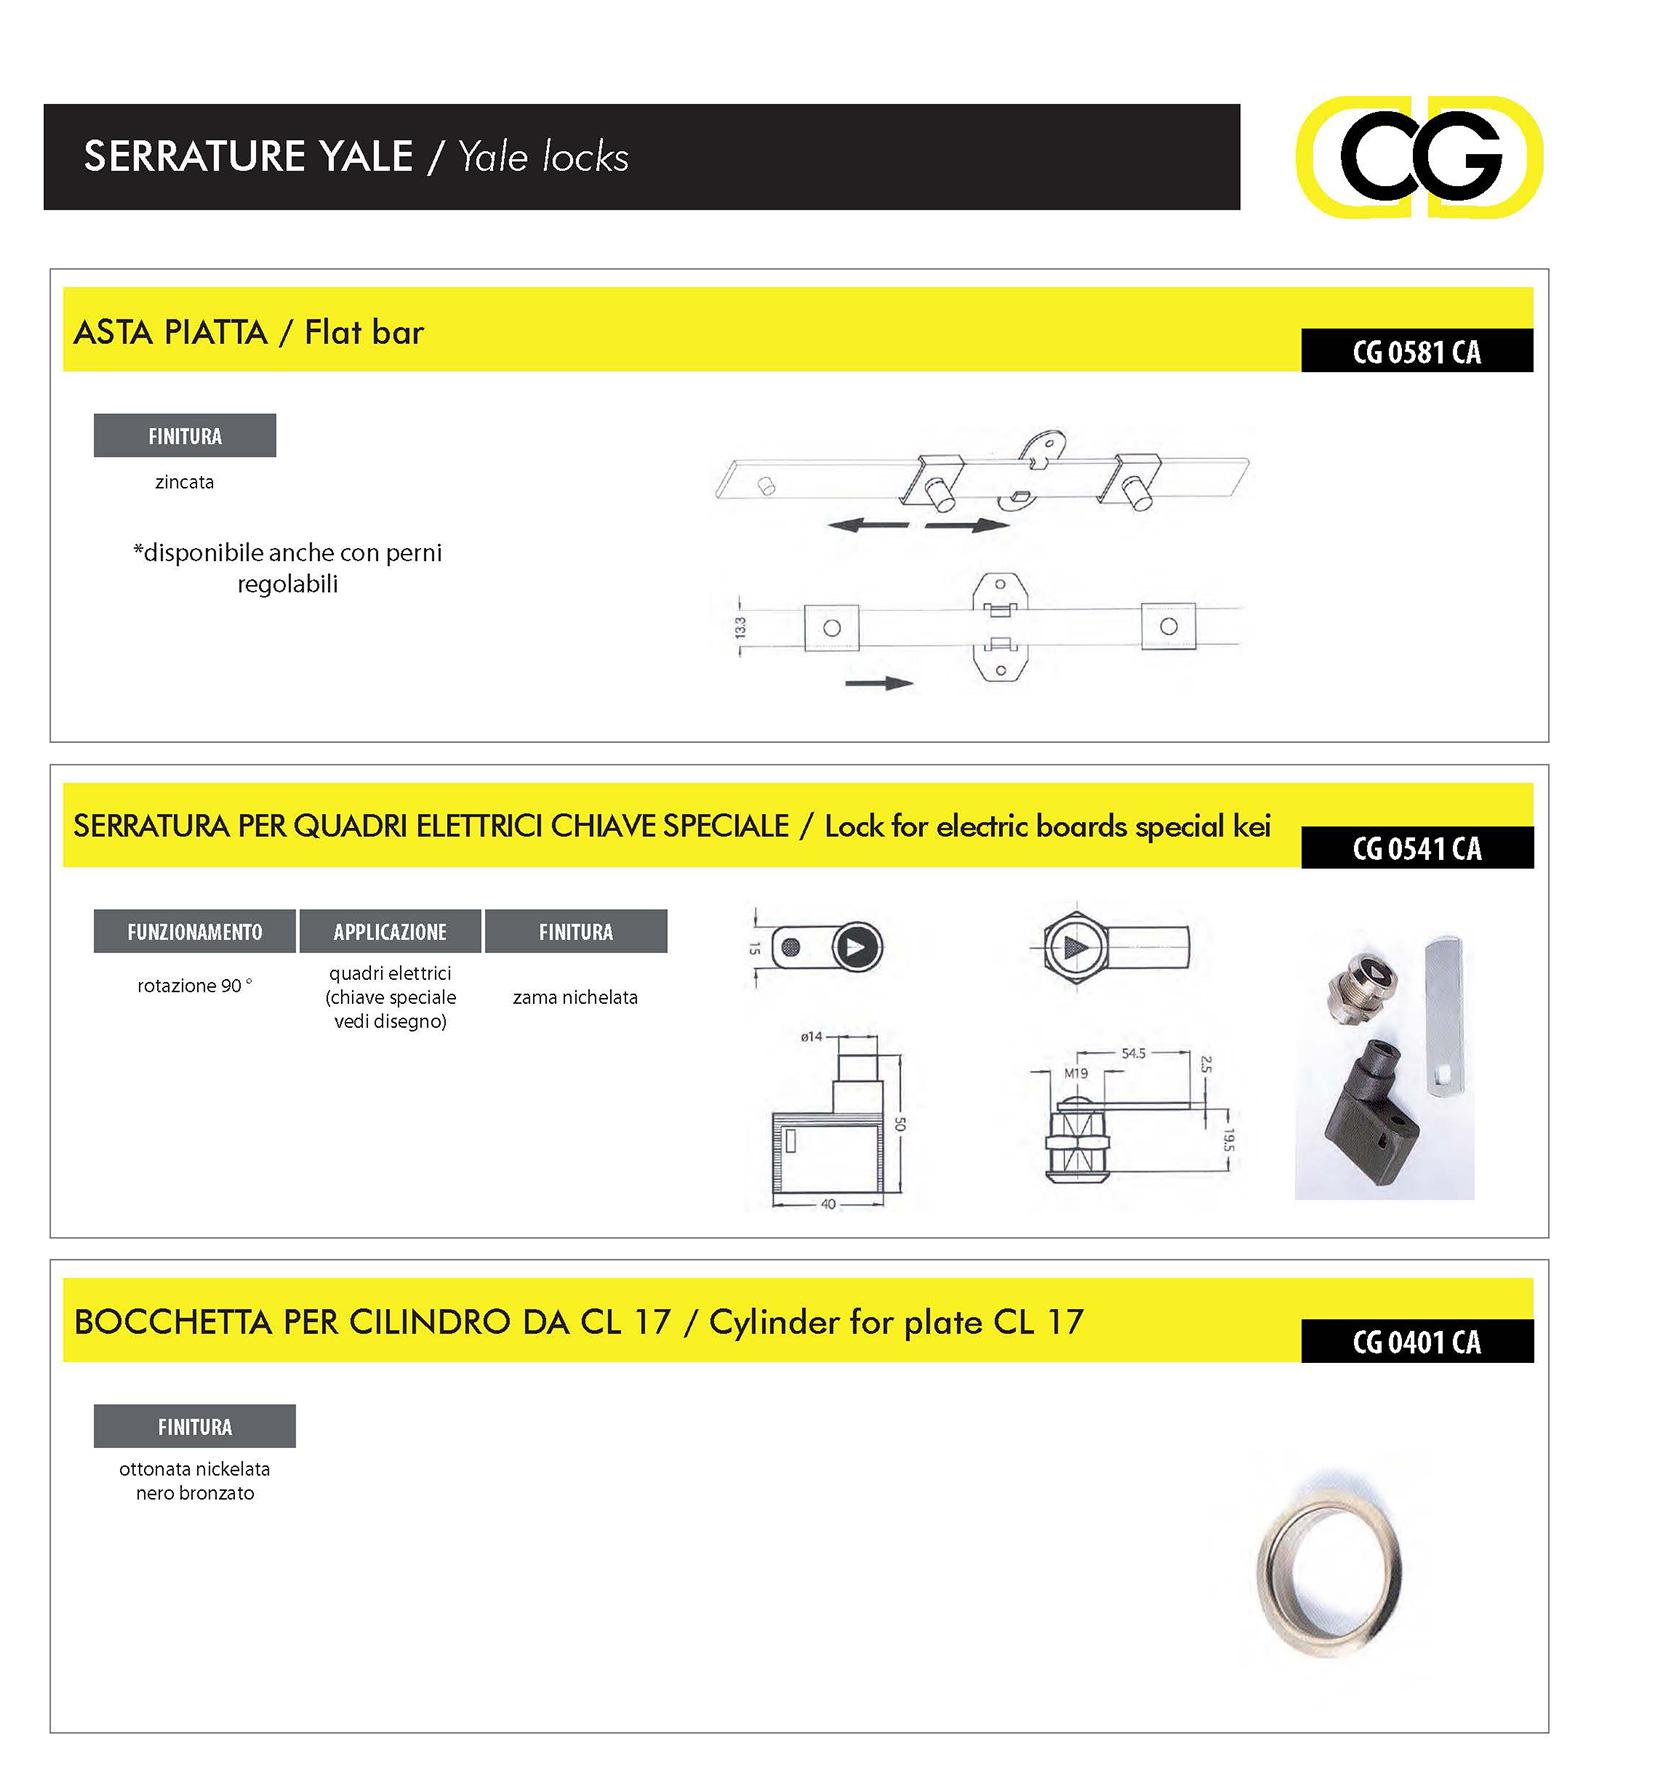 https://www.cgferramenta.it/wp-content/uploads/2020/11/CG-ferramenta_serrature1.jpg